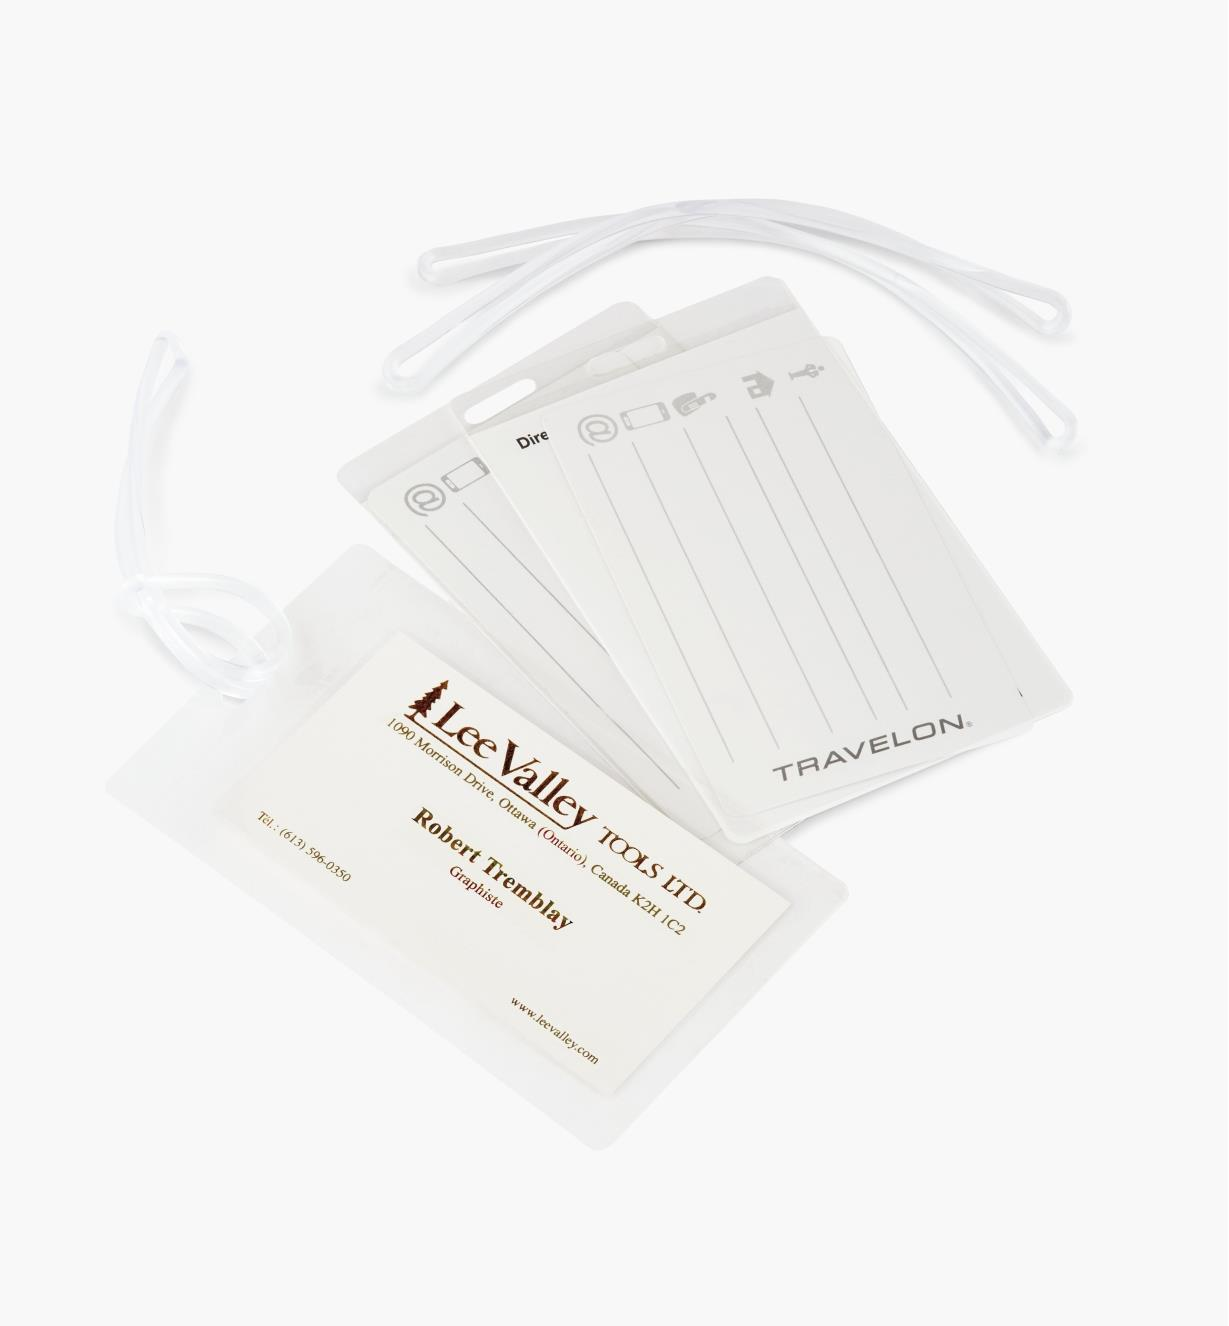 GB390 - Étiquettes d'identification autoplastifiantes, le lot de 3